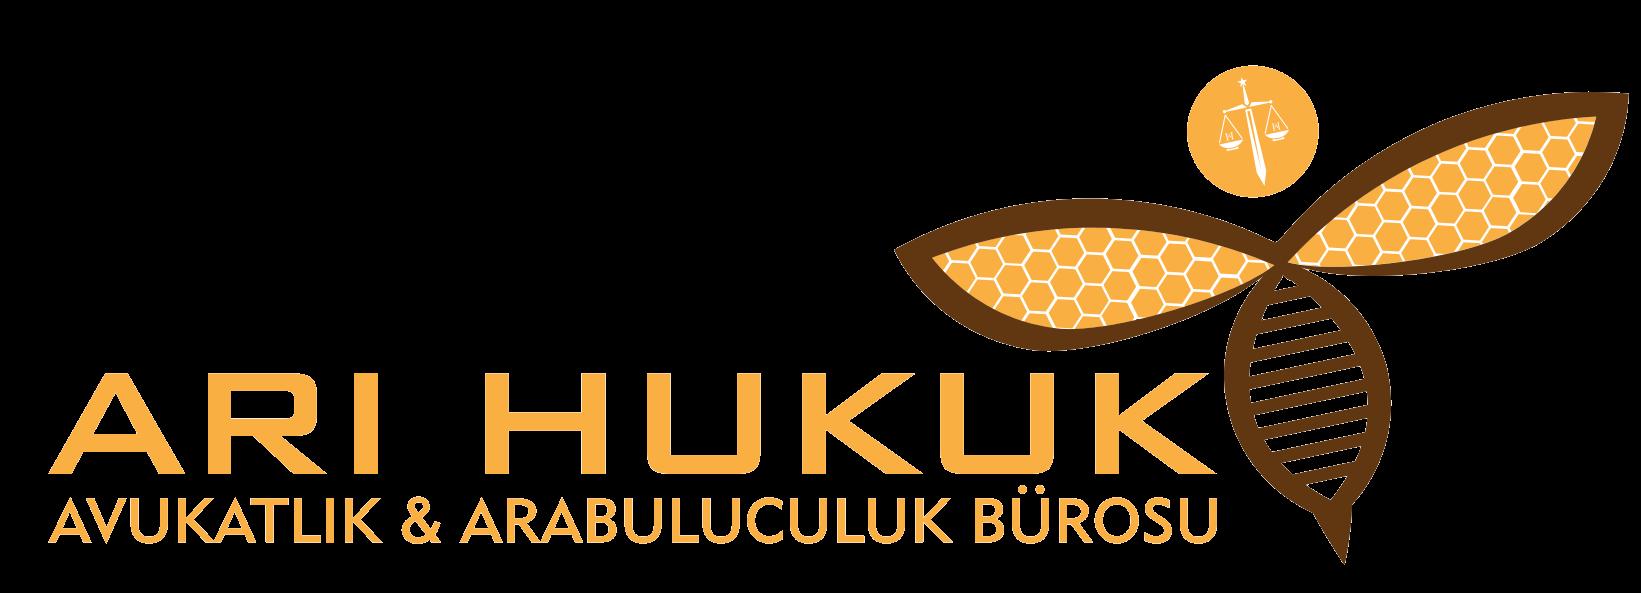 ari hukuk